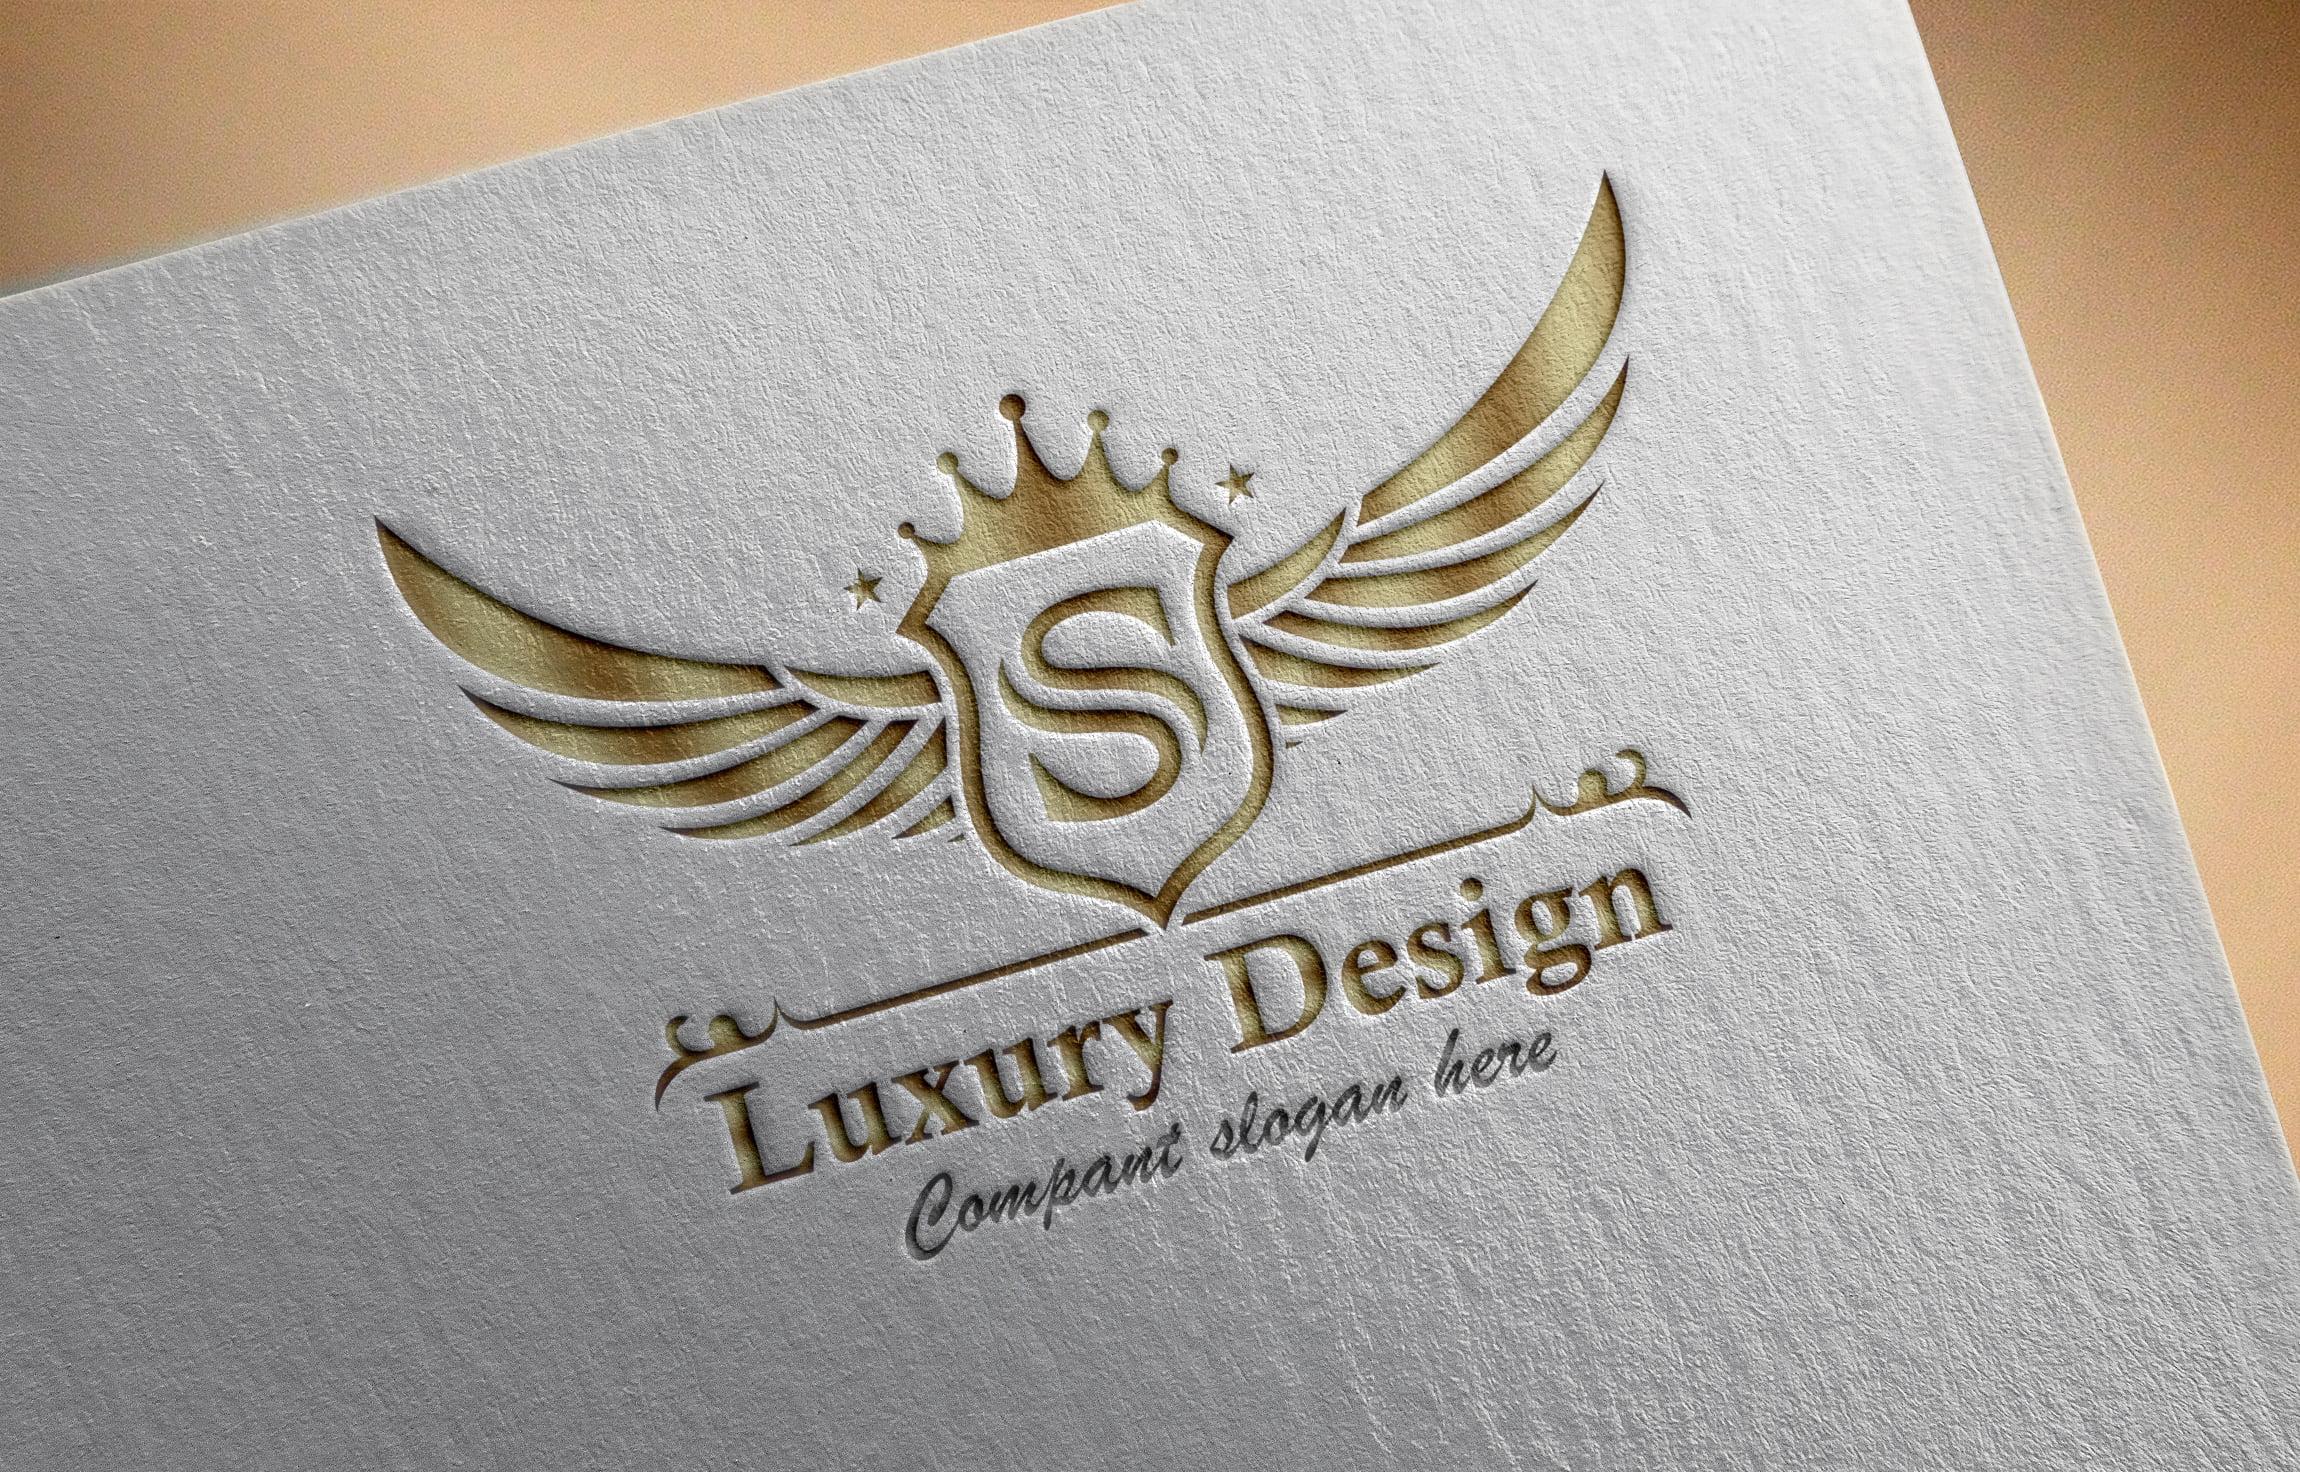 Free Luxurious Royal Logo Design Download